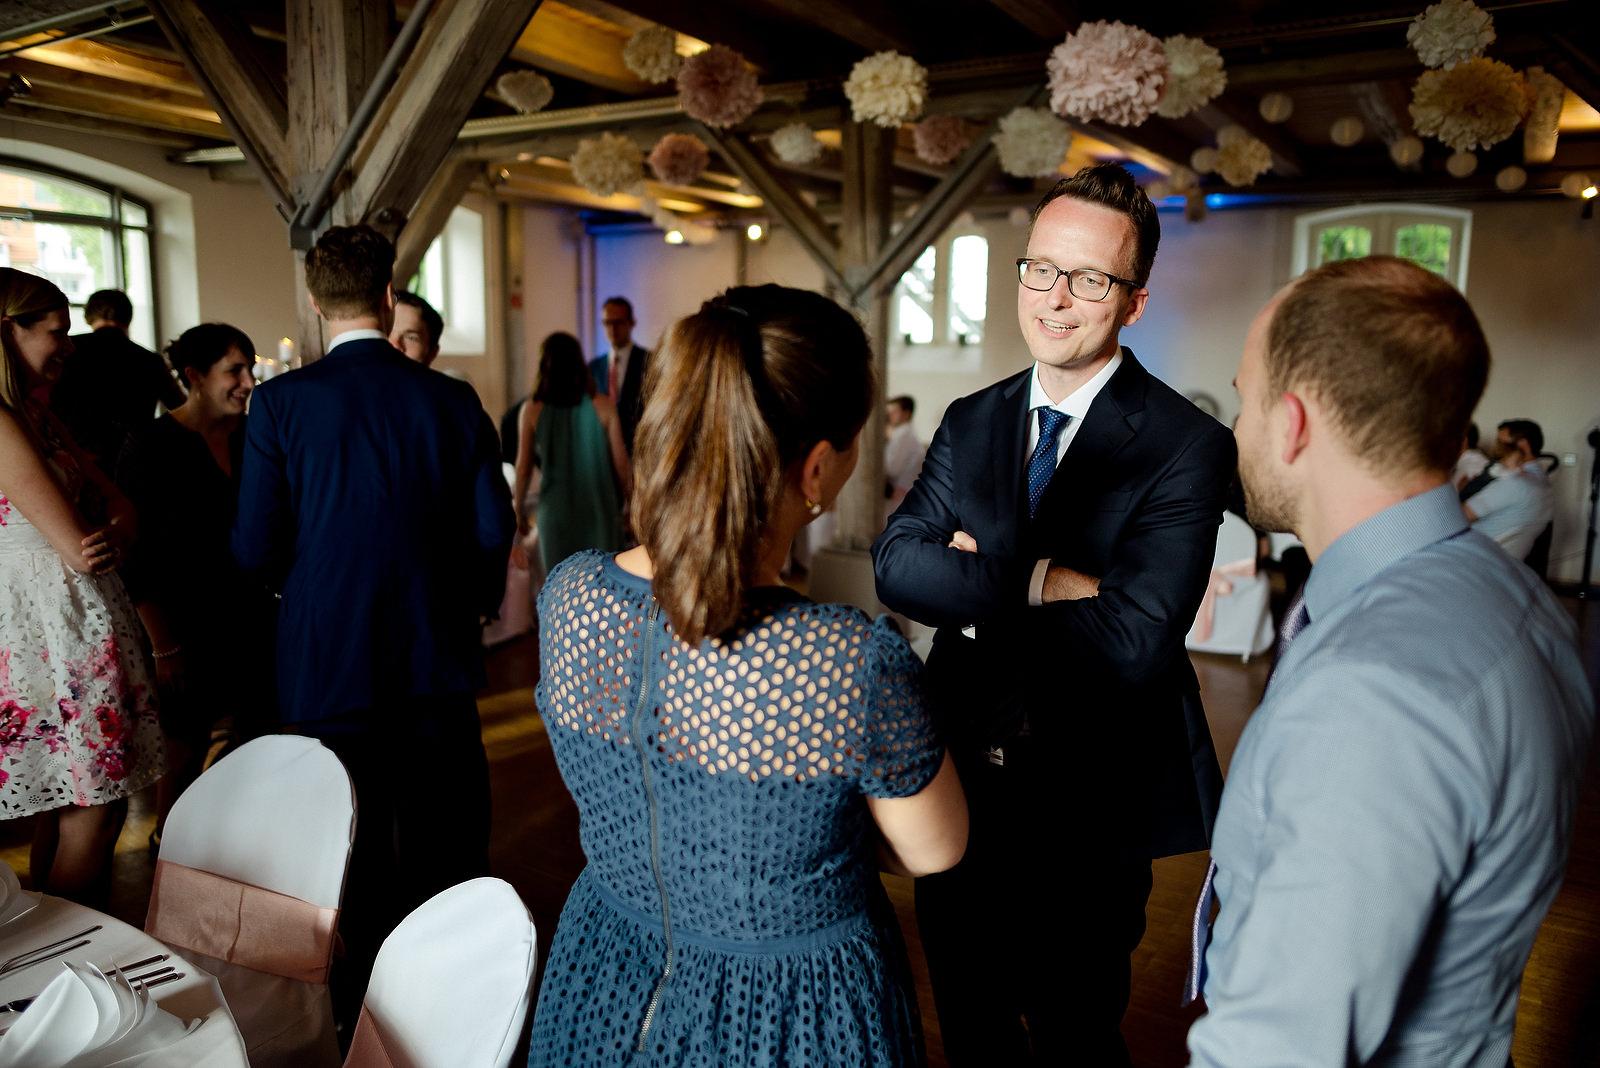 Fotograf Konstanz - Hochzeitsfotograf Bodensee Zollhaus Ludwigshafen Hochzeit Konstanz EFP 081 - Hochzeitsreportage im Zollhaus in Bodman-Ludwigshafen, Bodensee  - 201 -